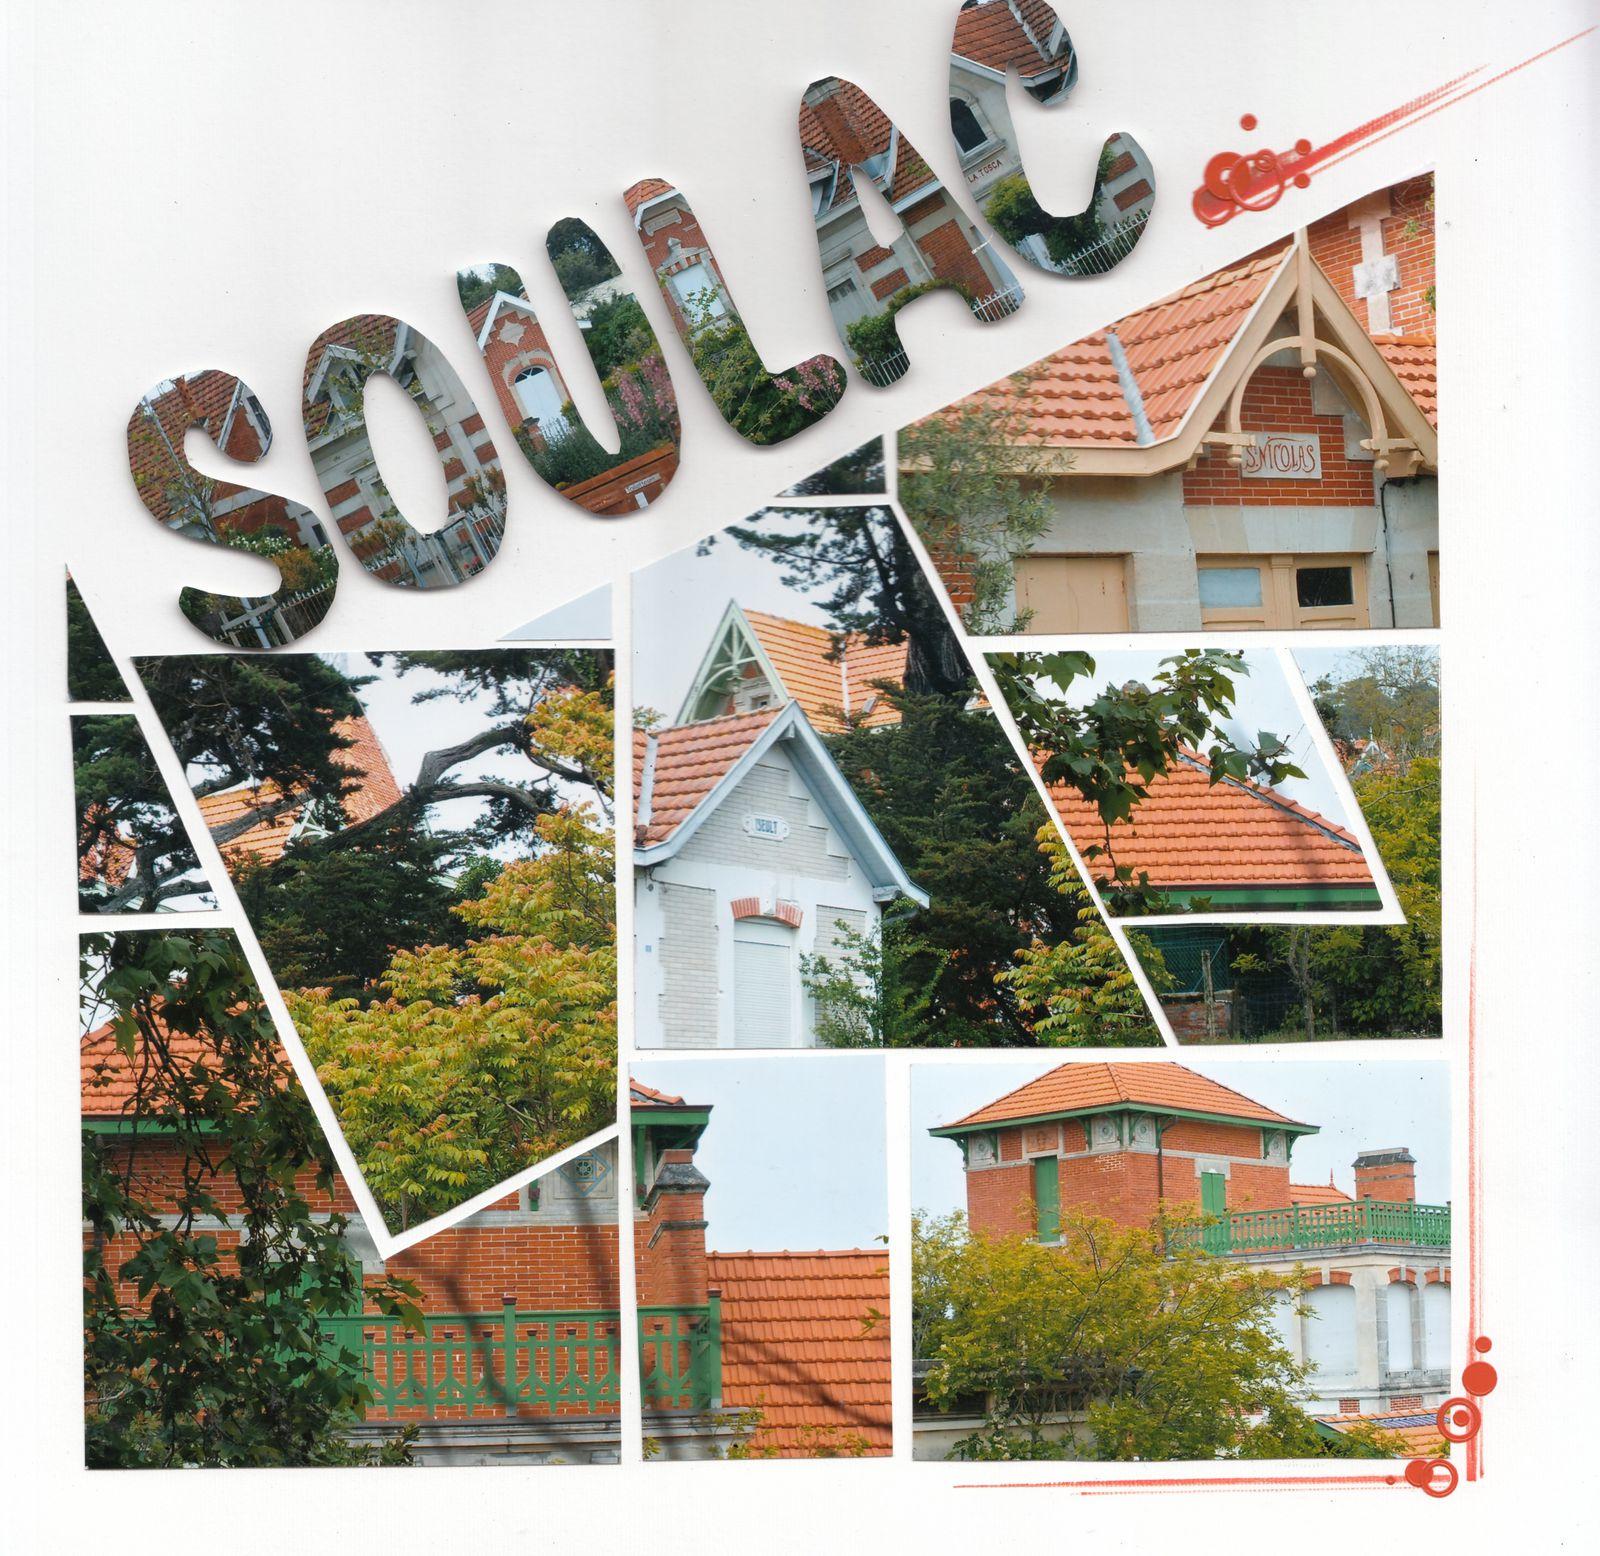 Soulac, Gabarit Seventeen